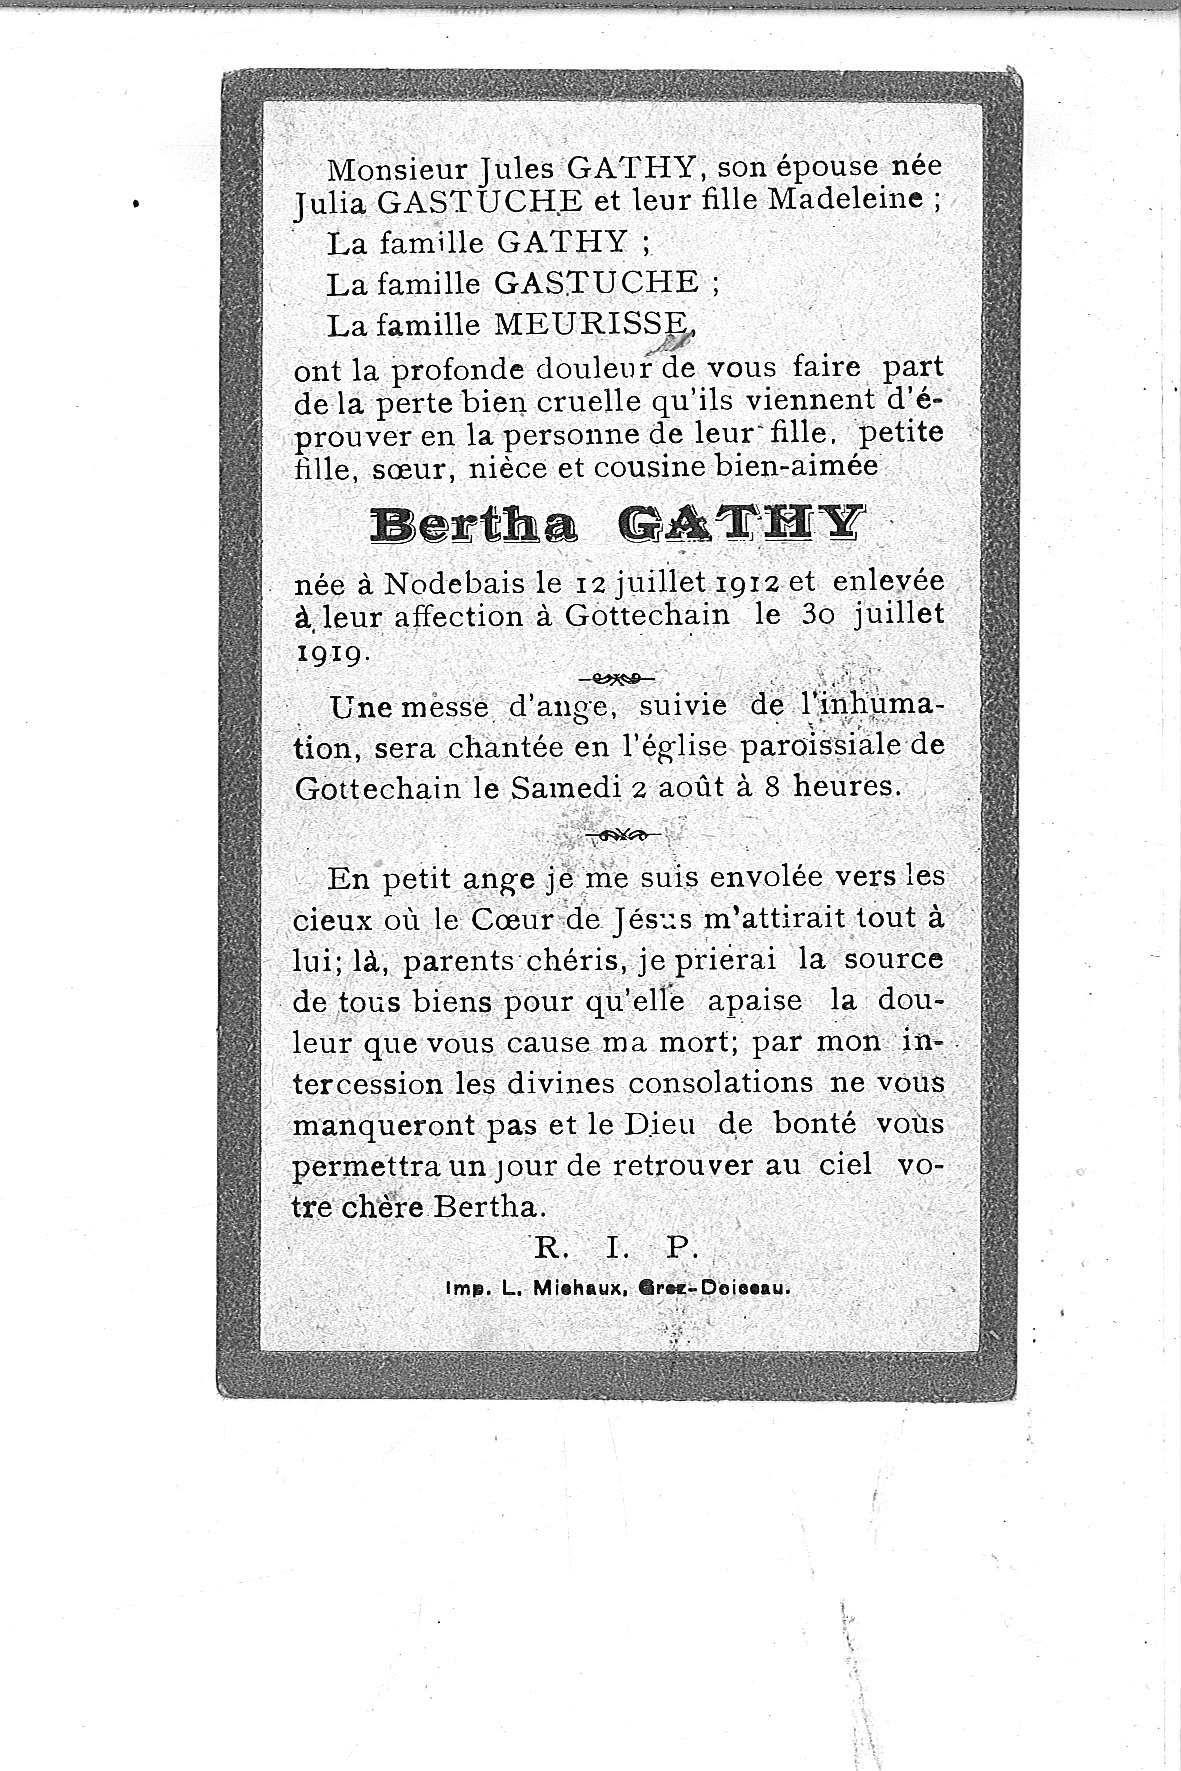 Bertha(1919)20130507145631_00012.jpg